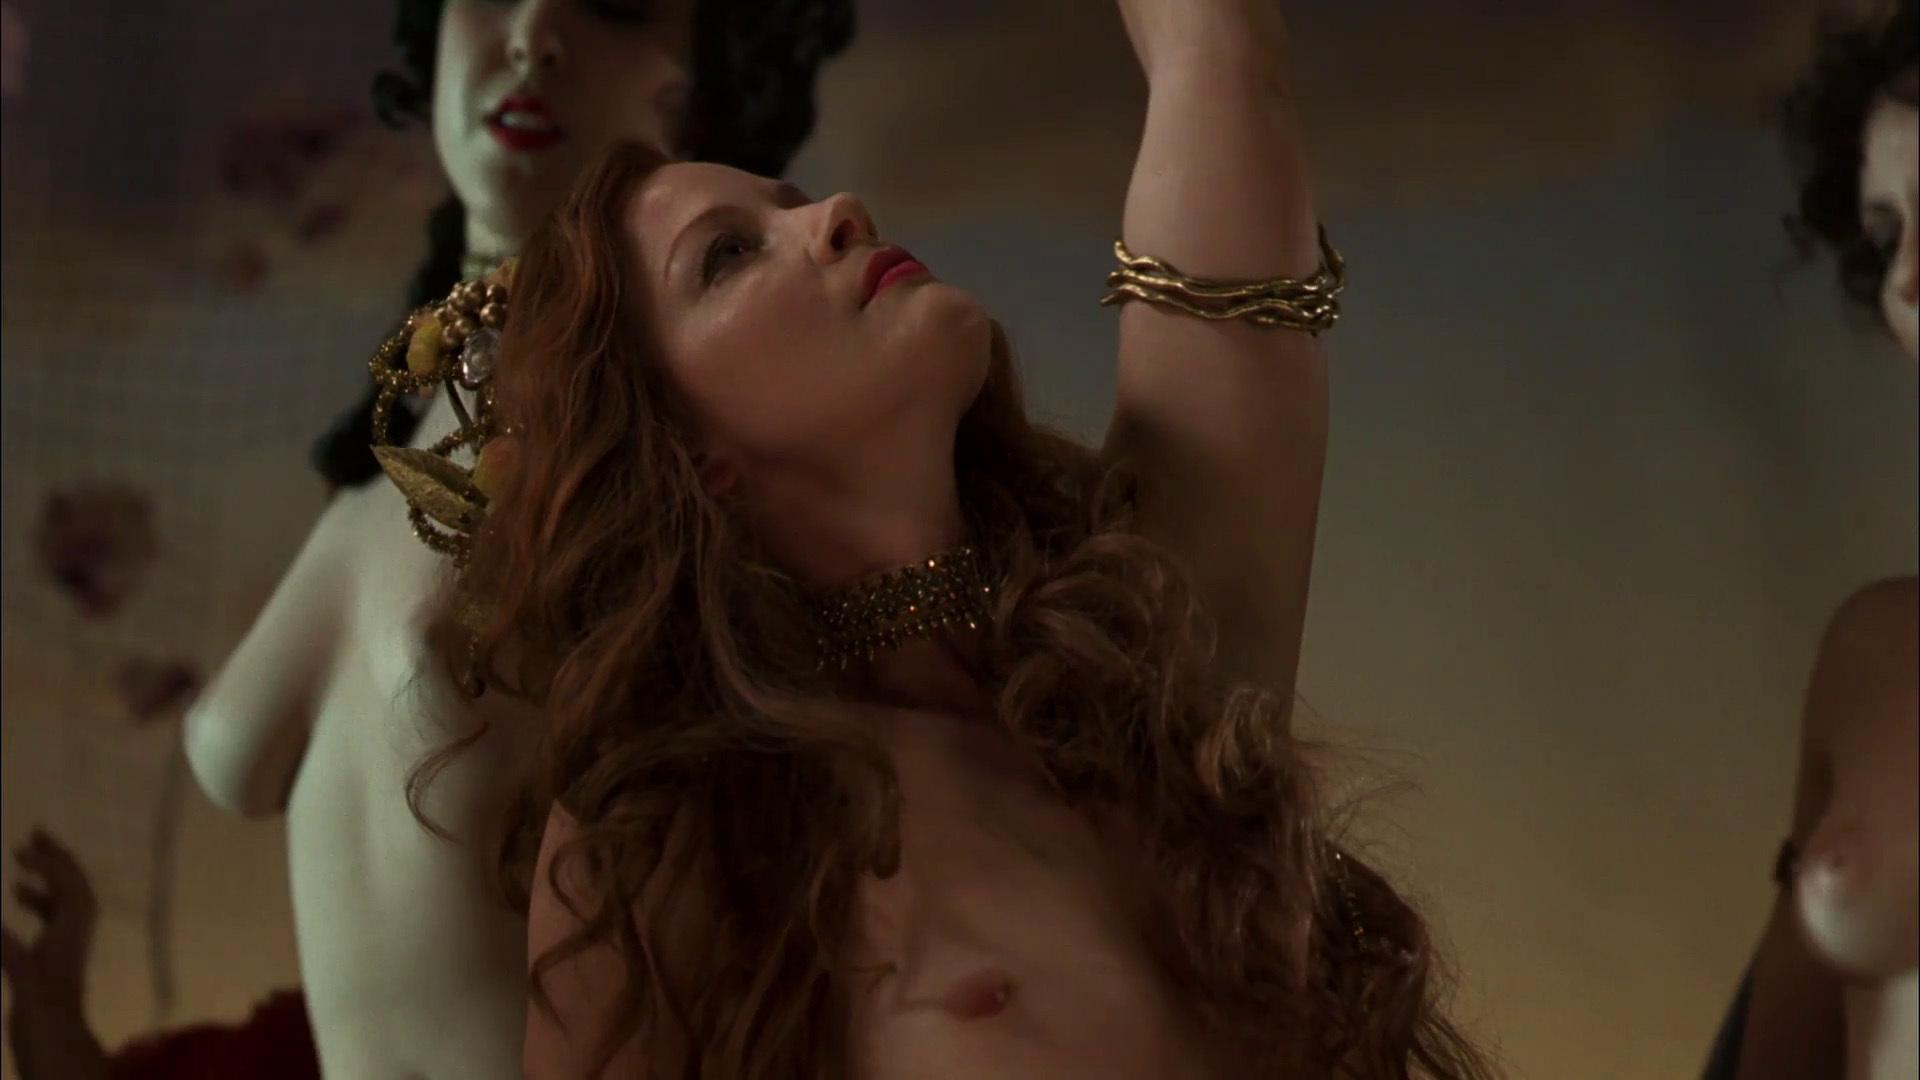 Gretchen Mol - Boardwalk Empire S01E04-05 HD 1080p 06.jpg